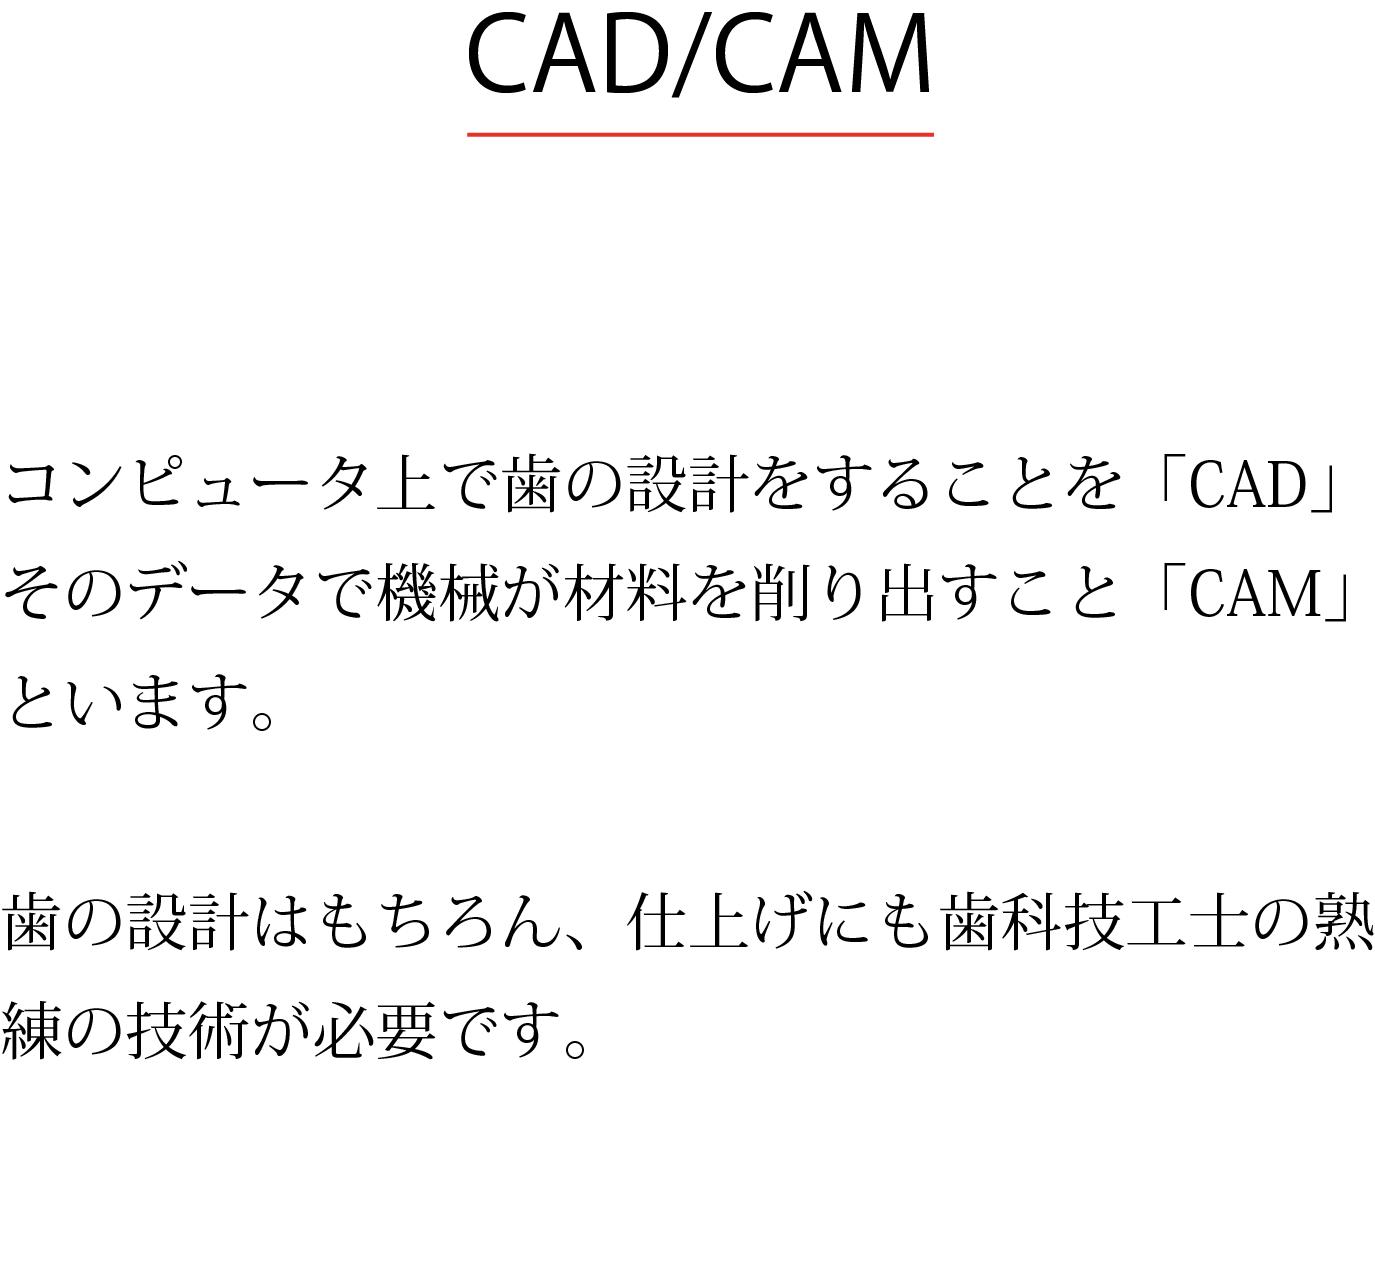 CAD/CAM コンピュータ上で歯の設計をすることを「CAD」、 そのデータで機械が材料を削り出すことを「CAM」といます。 歯の設計はもちろん、仕上げにも歯科技工士の熟練の技術が必要です。